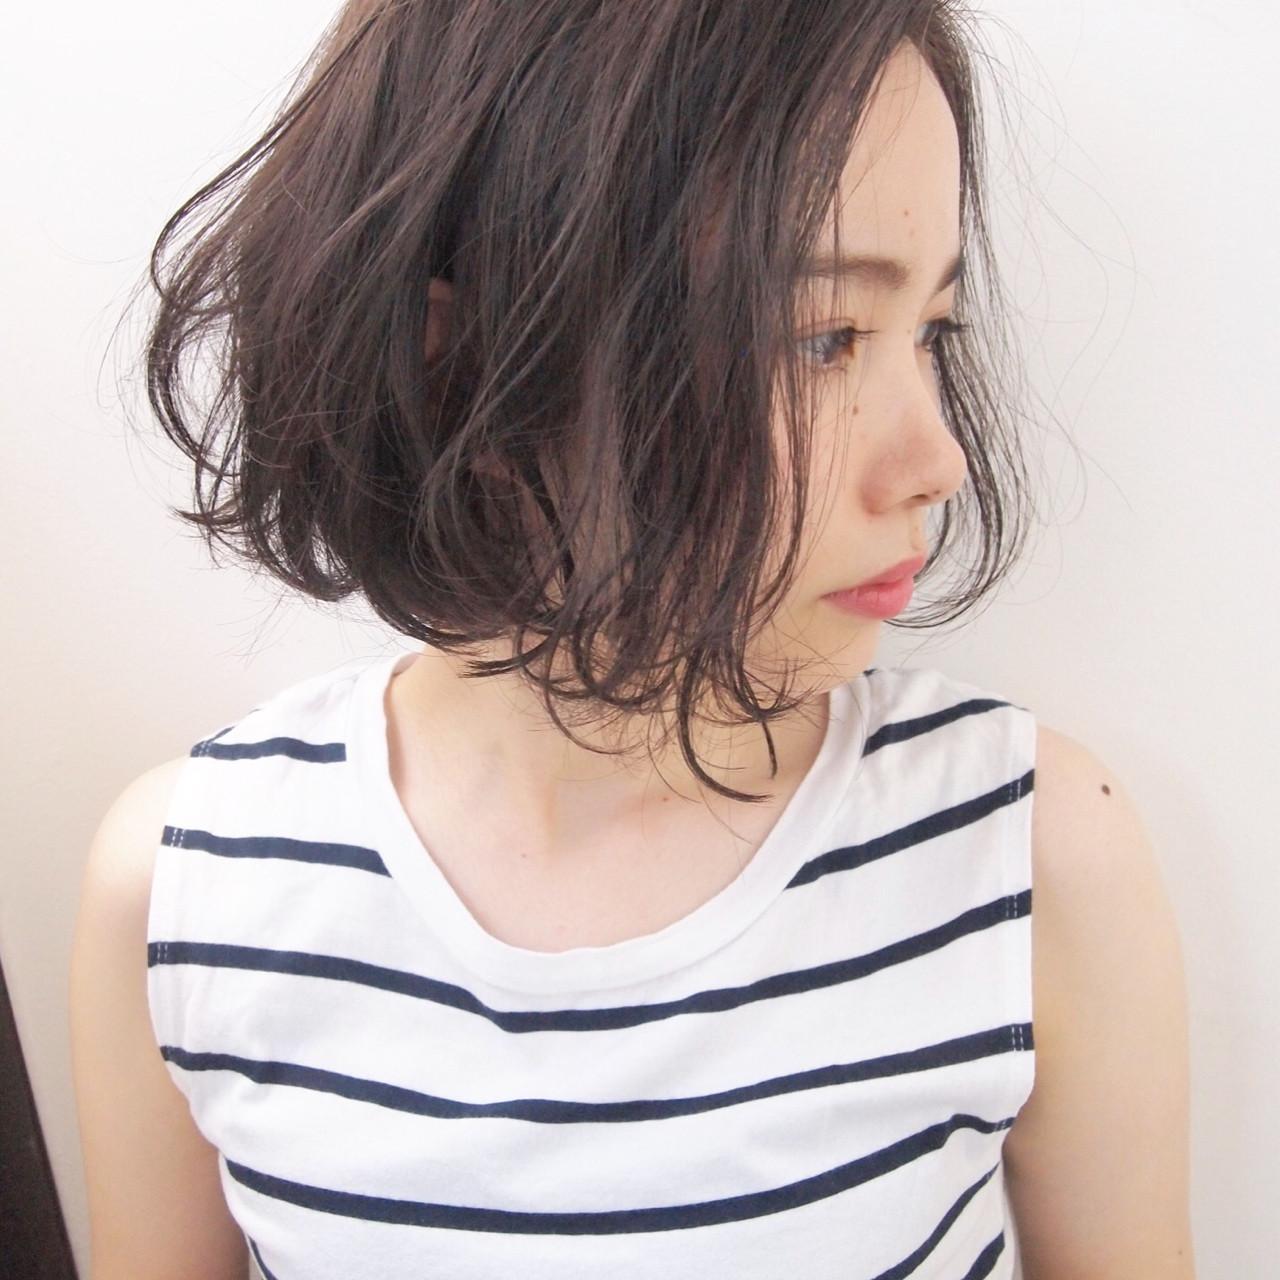 パーマ 透明感 ボブ 秋 ヘアスタイルや髪型の写真・画像